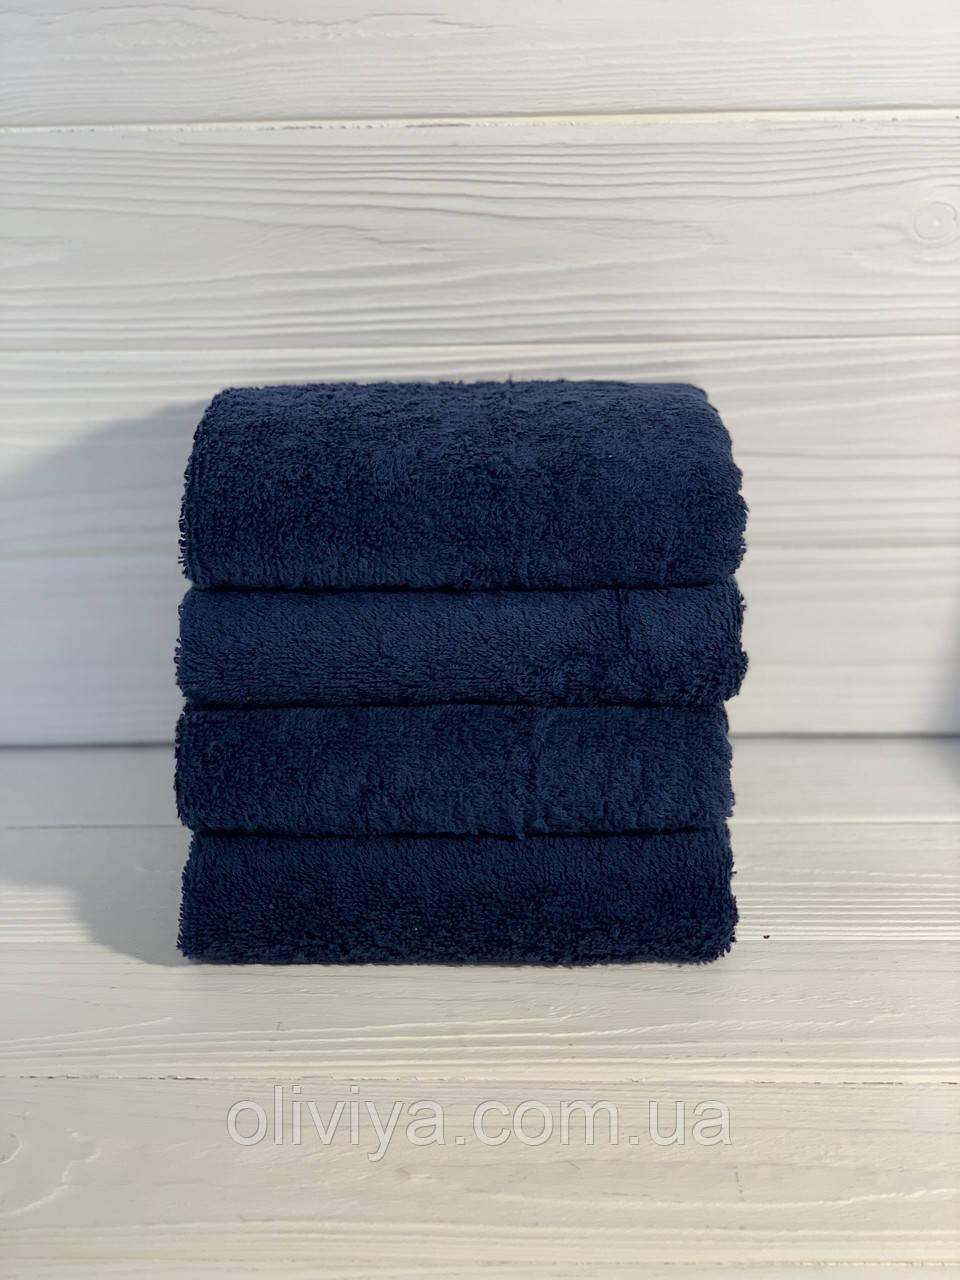 Полотенце для отелей темно - синее 50х90